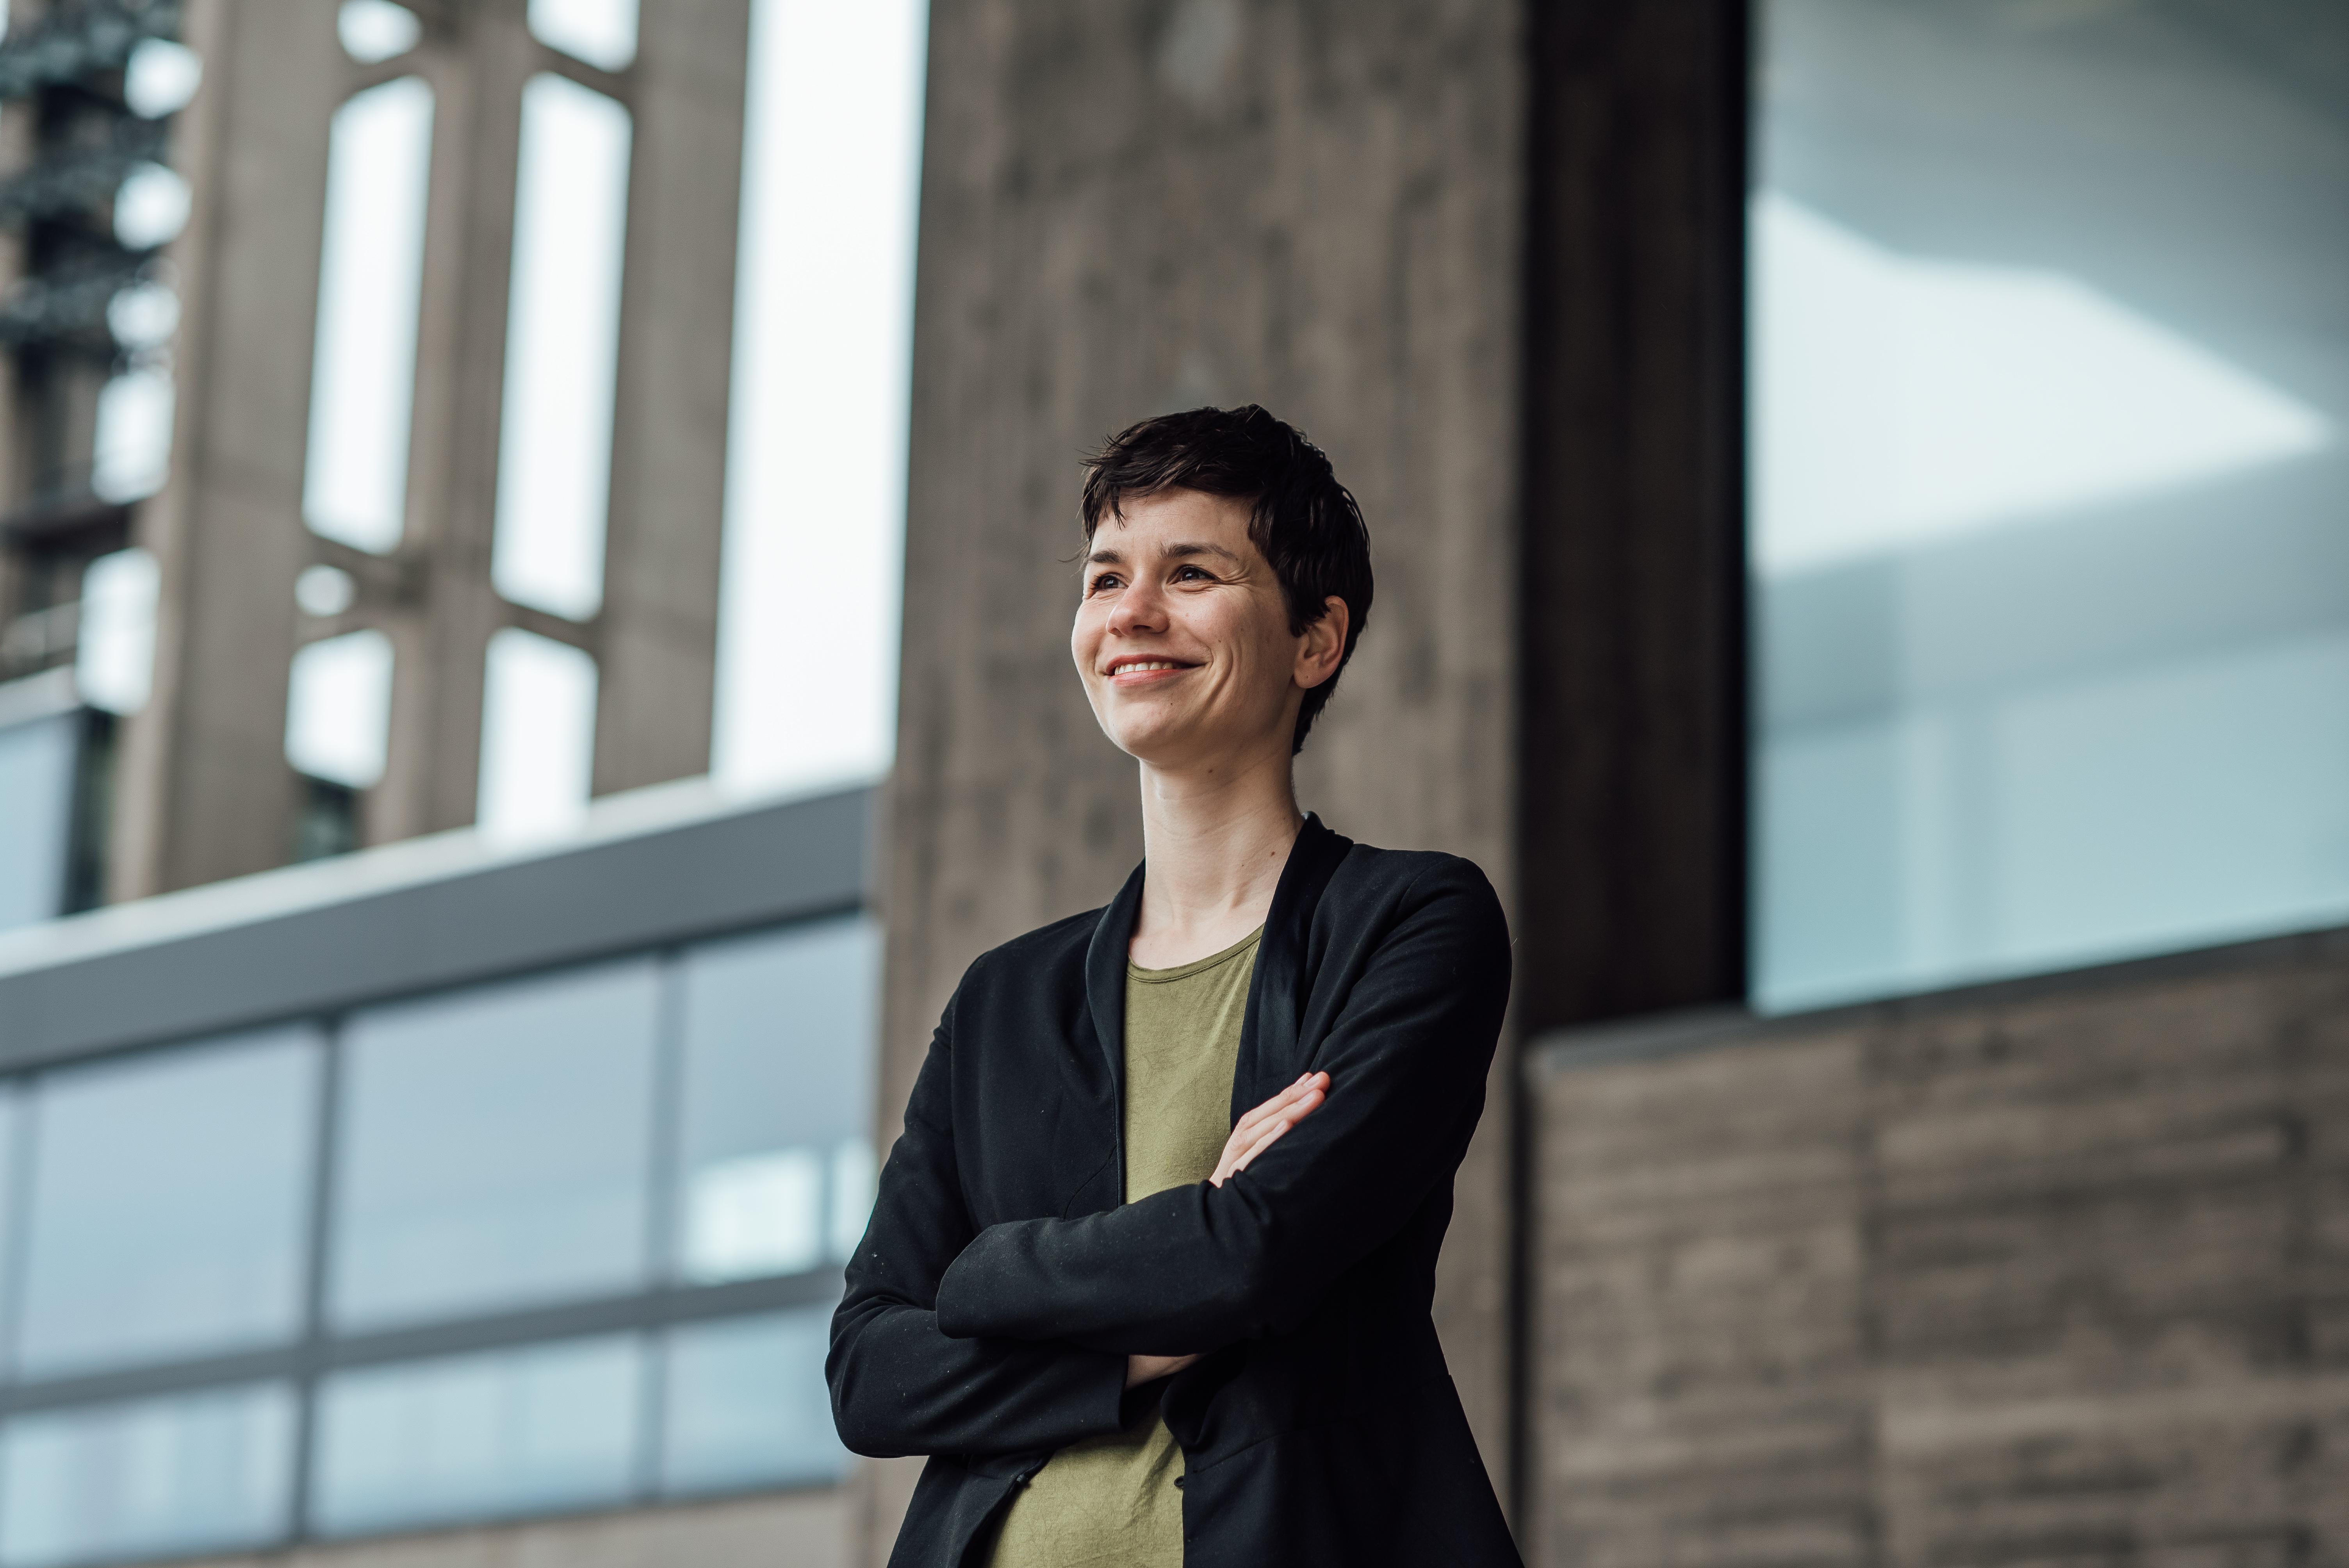 DRIFT medewerker Annelli Janssen